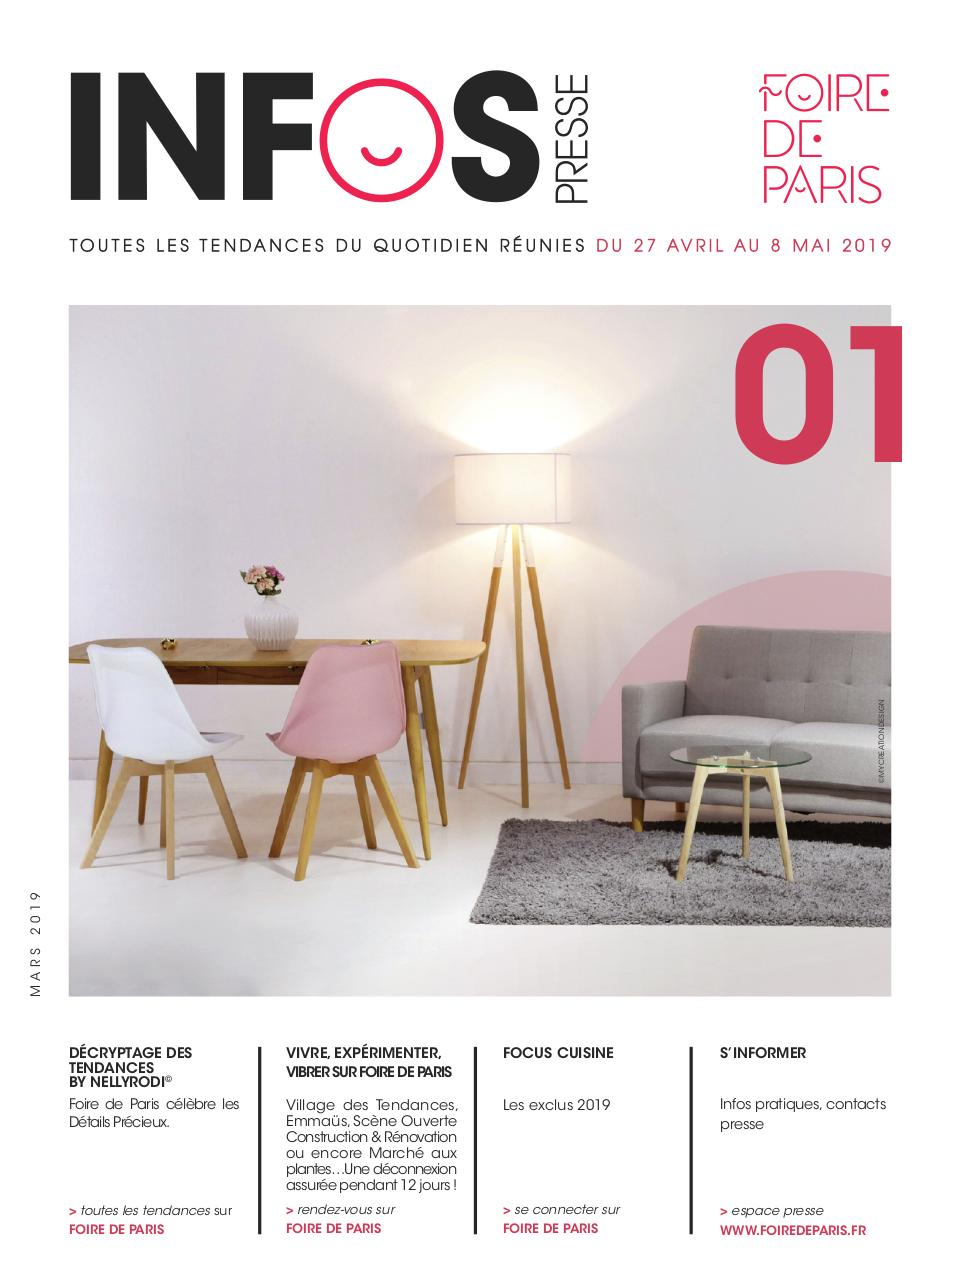 INFOS PRESSE HABITAT FOIRE DE PARIS 15 - Fichier PDF